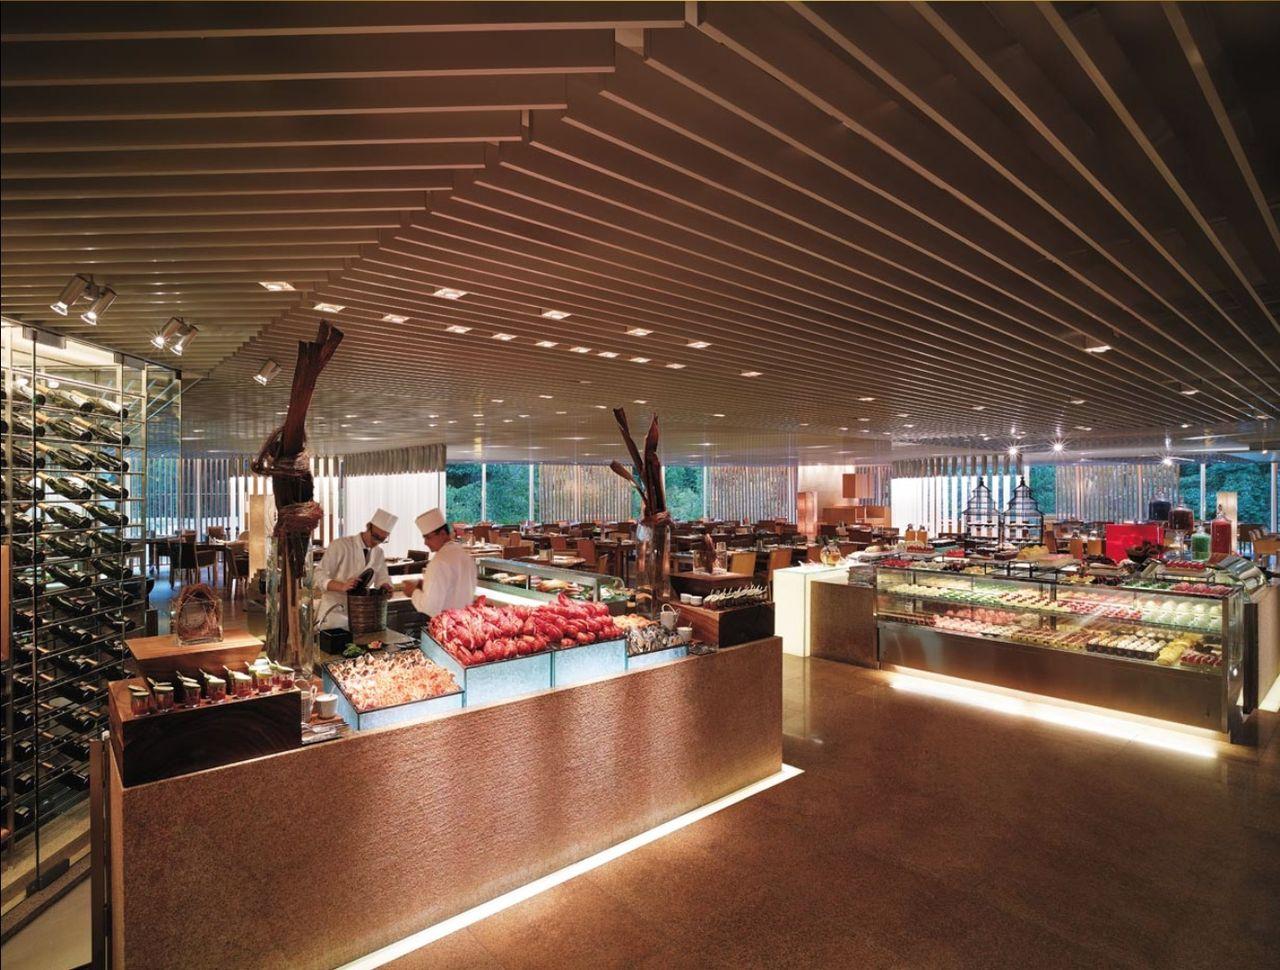 Archivo:Island Shangri-La. Hong Kong - Cafe TOO.jpg - Wikipedia. la enciclopedia libre